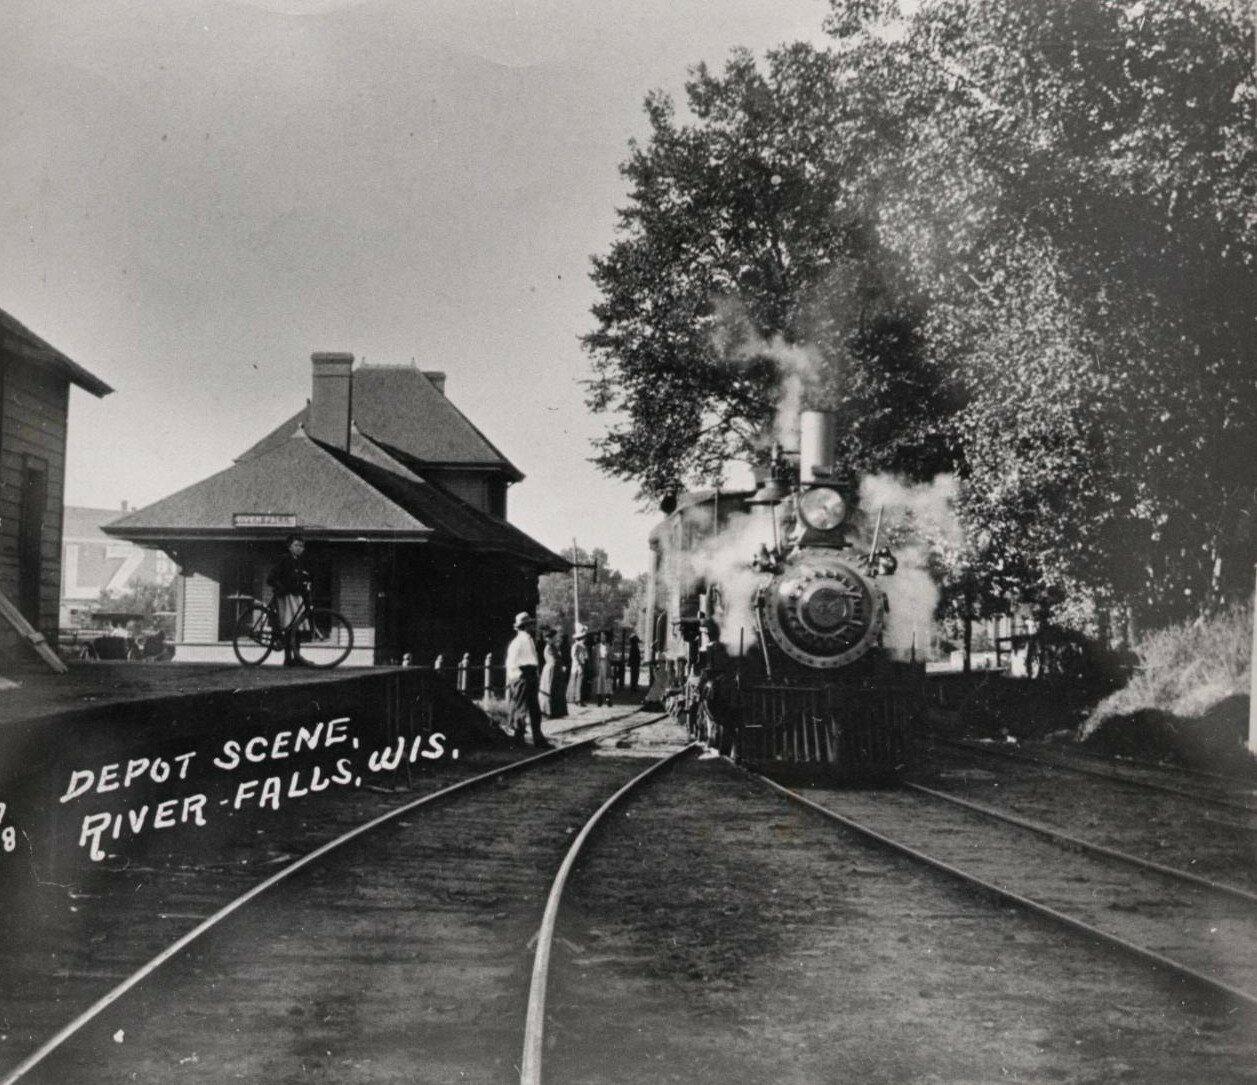 Железнодорожная станция, ок. 1880 года